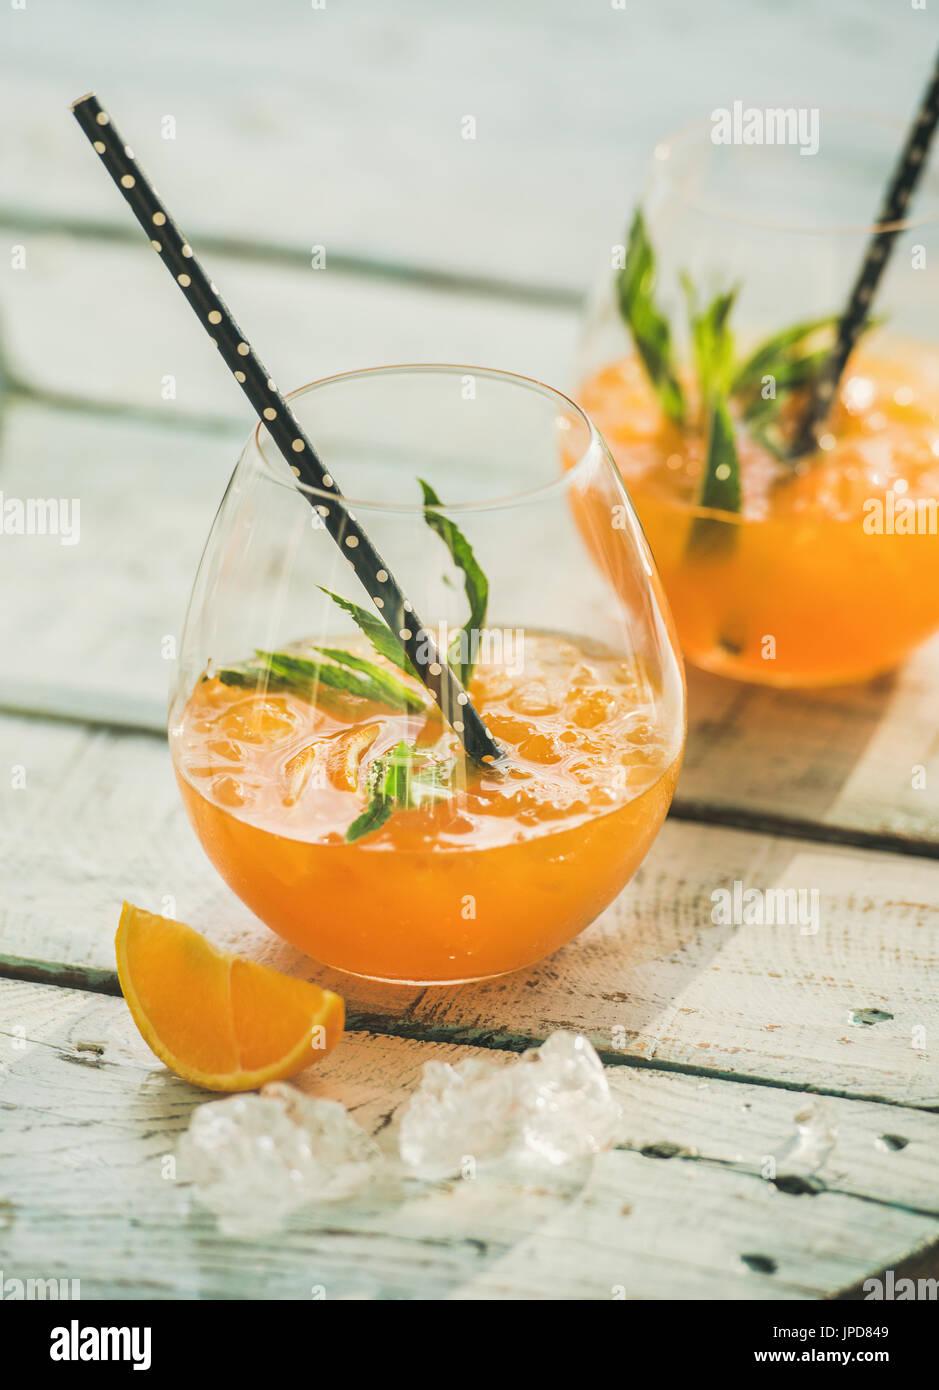 Boissons froides rafraîchissantes d'agrumes avec orange cocktail d'été Photo Stock